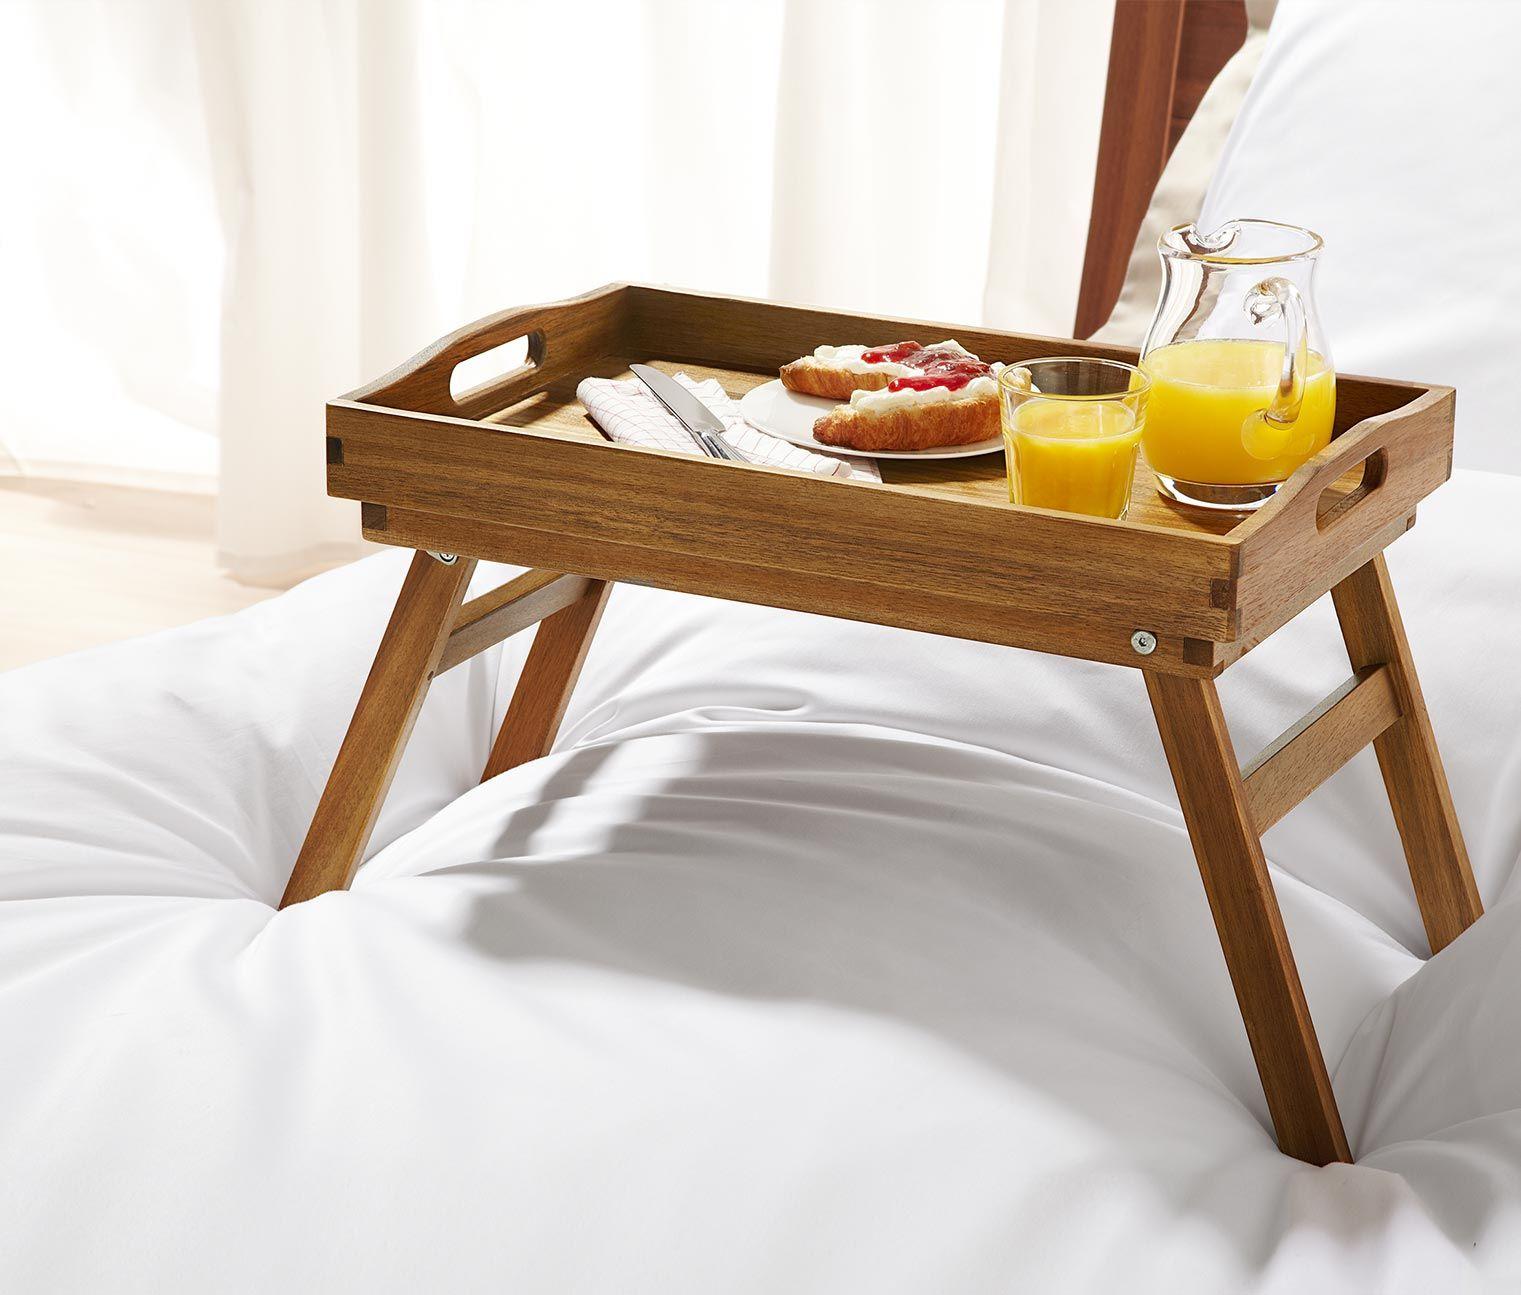 Rolltisch bett  Frühstück im #Bett mit dem #Tablett-Tisch für €29,95 von #Tchibo ...